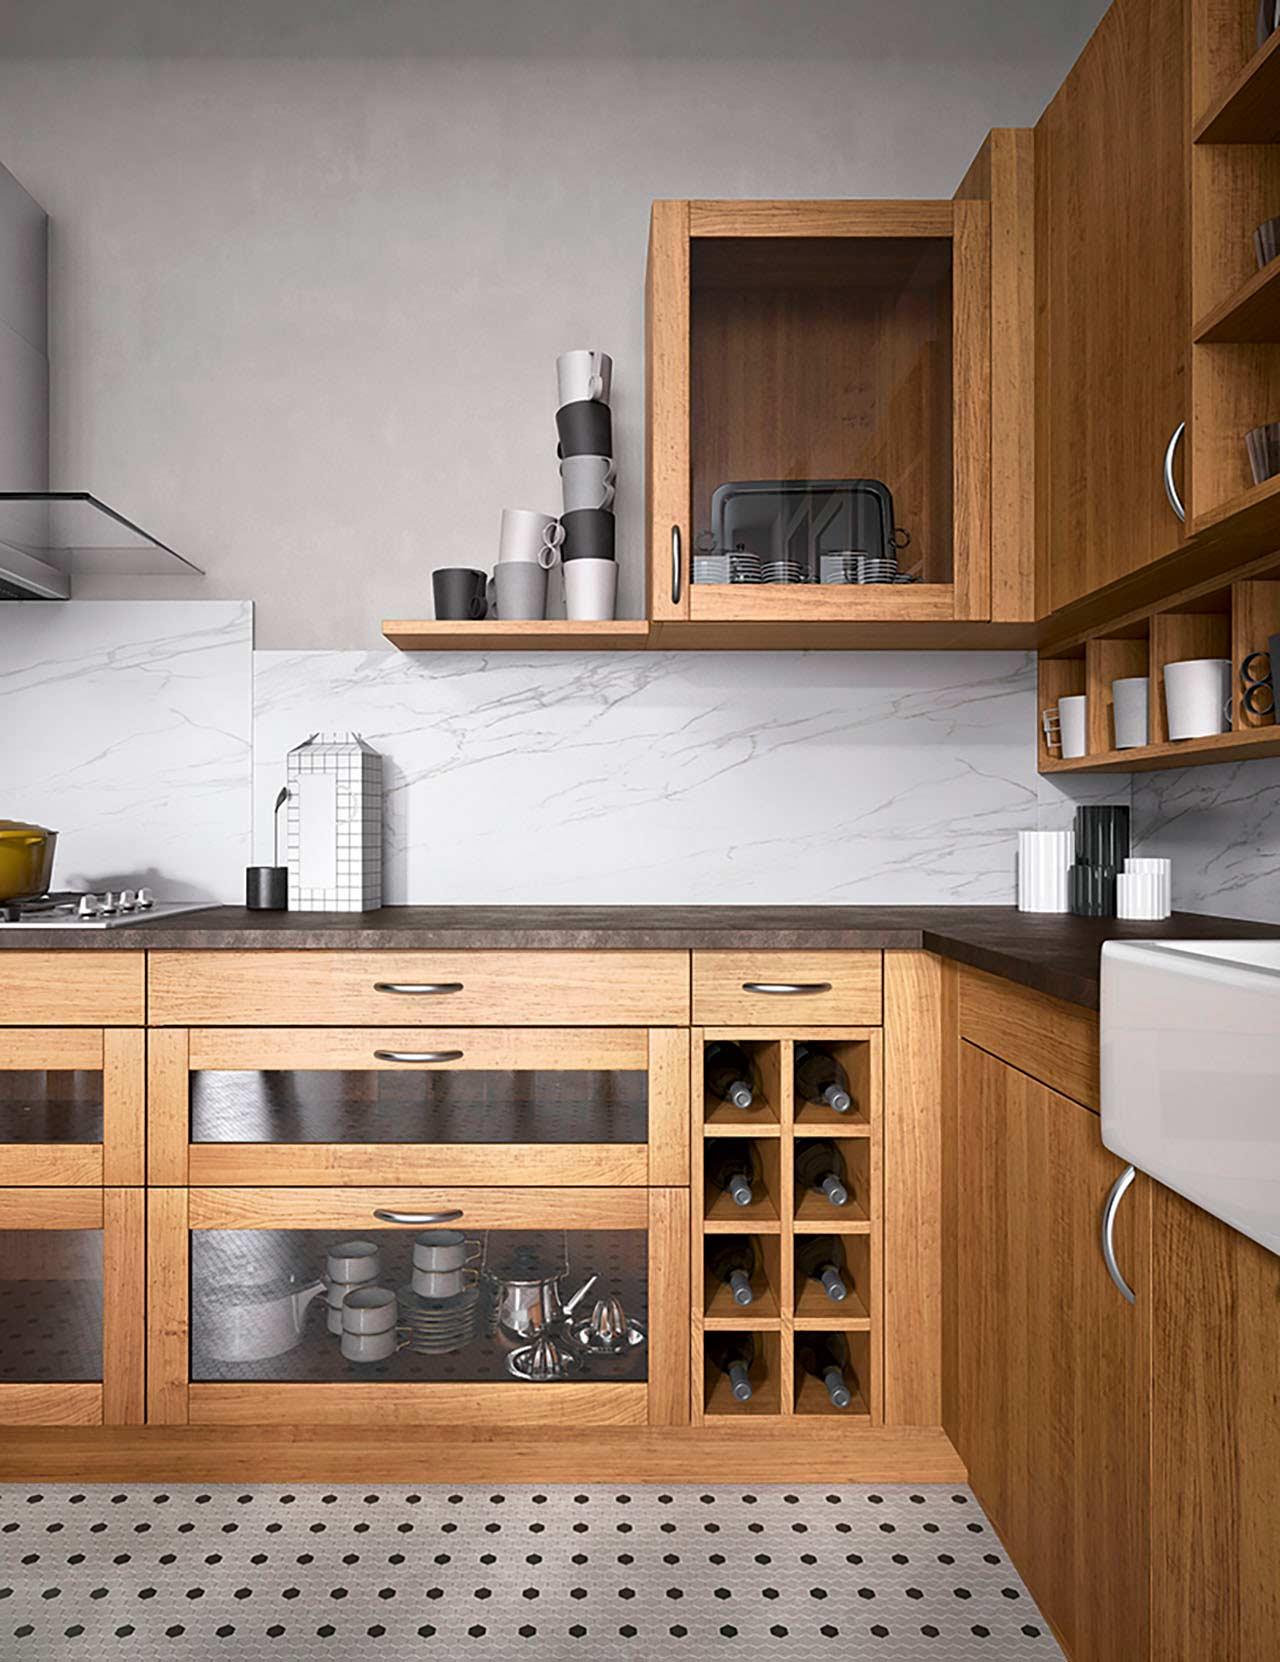 naturholz k chen fronten k che selber bauen aus paletten auf raten kaufen als neukunde stauraum. Black Bedroom Furniture Sets. Home Design Ideas